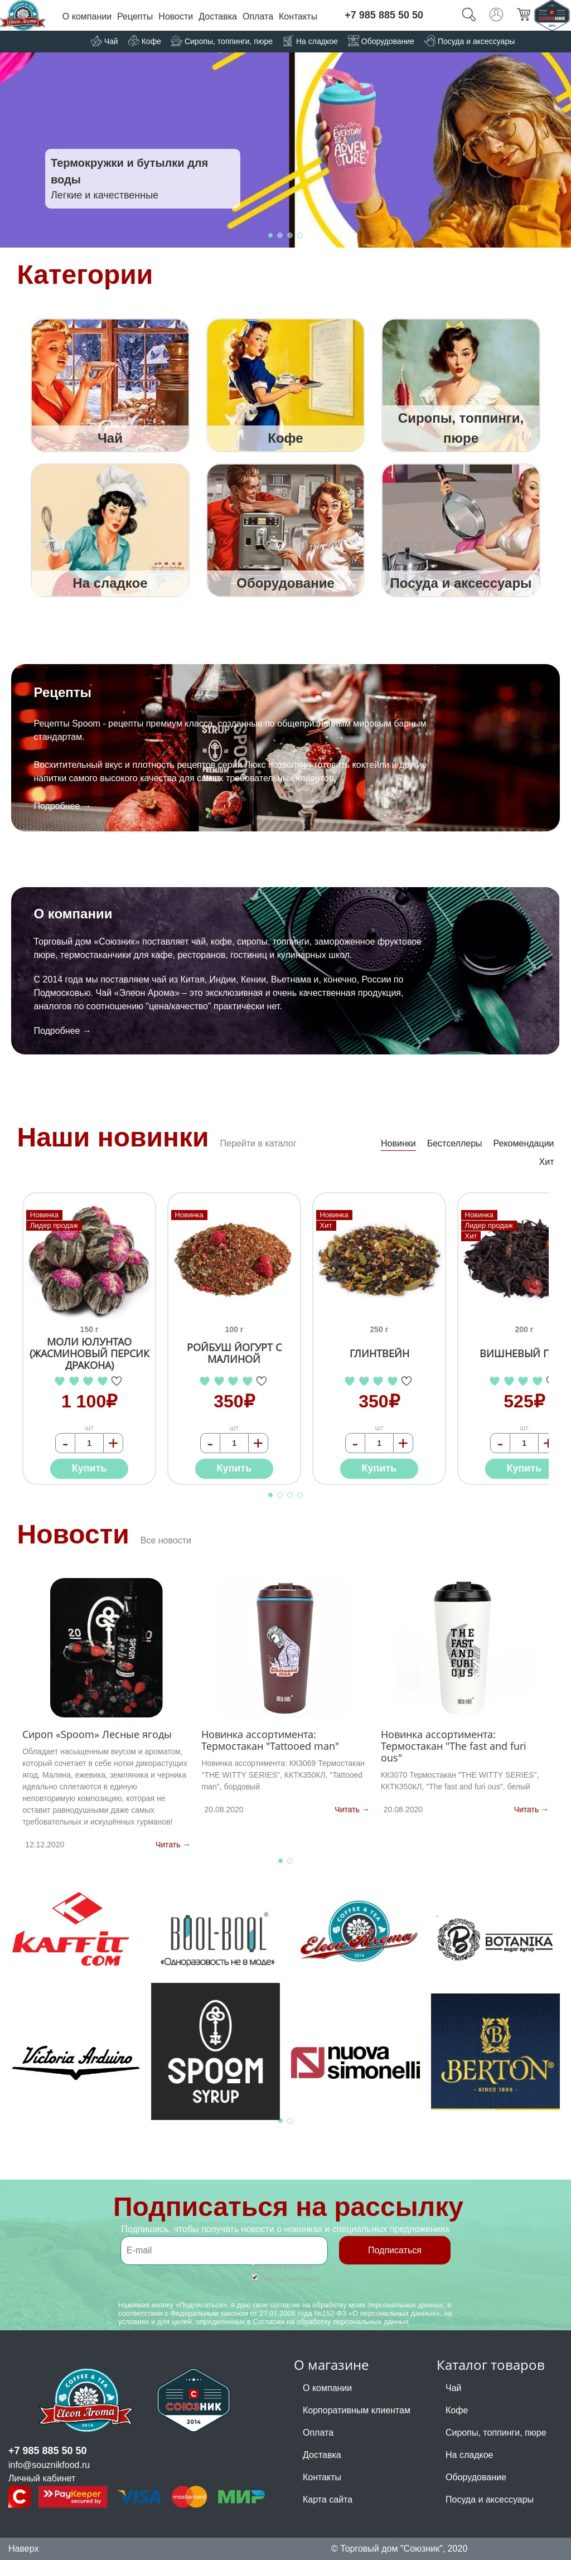 Изображение анонса сайта Souznikfood